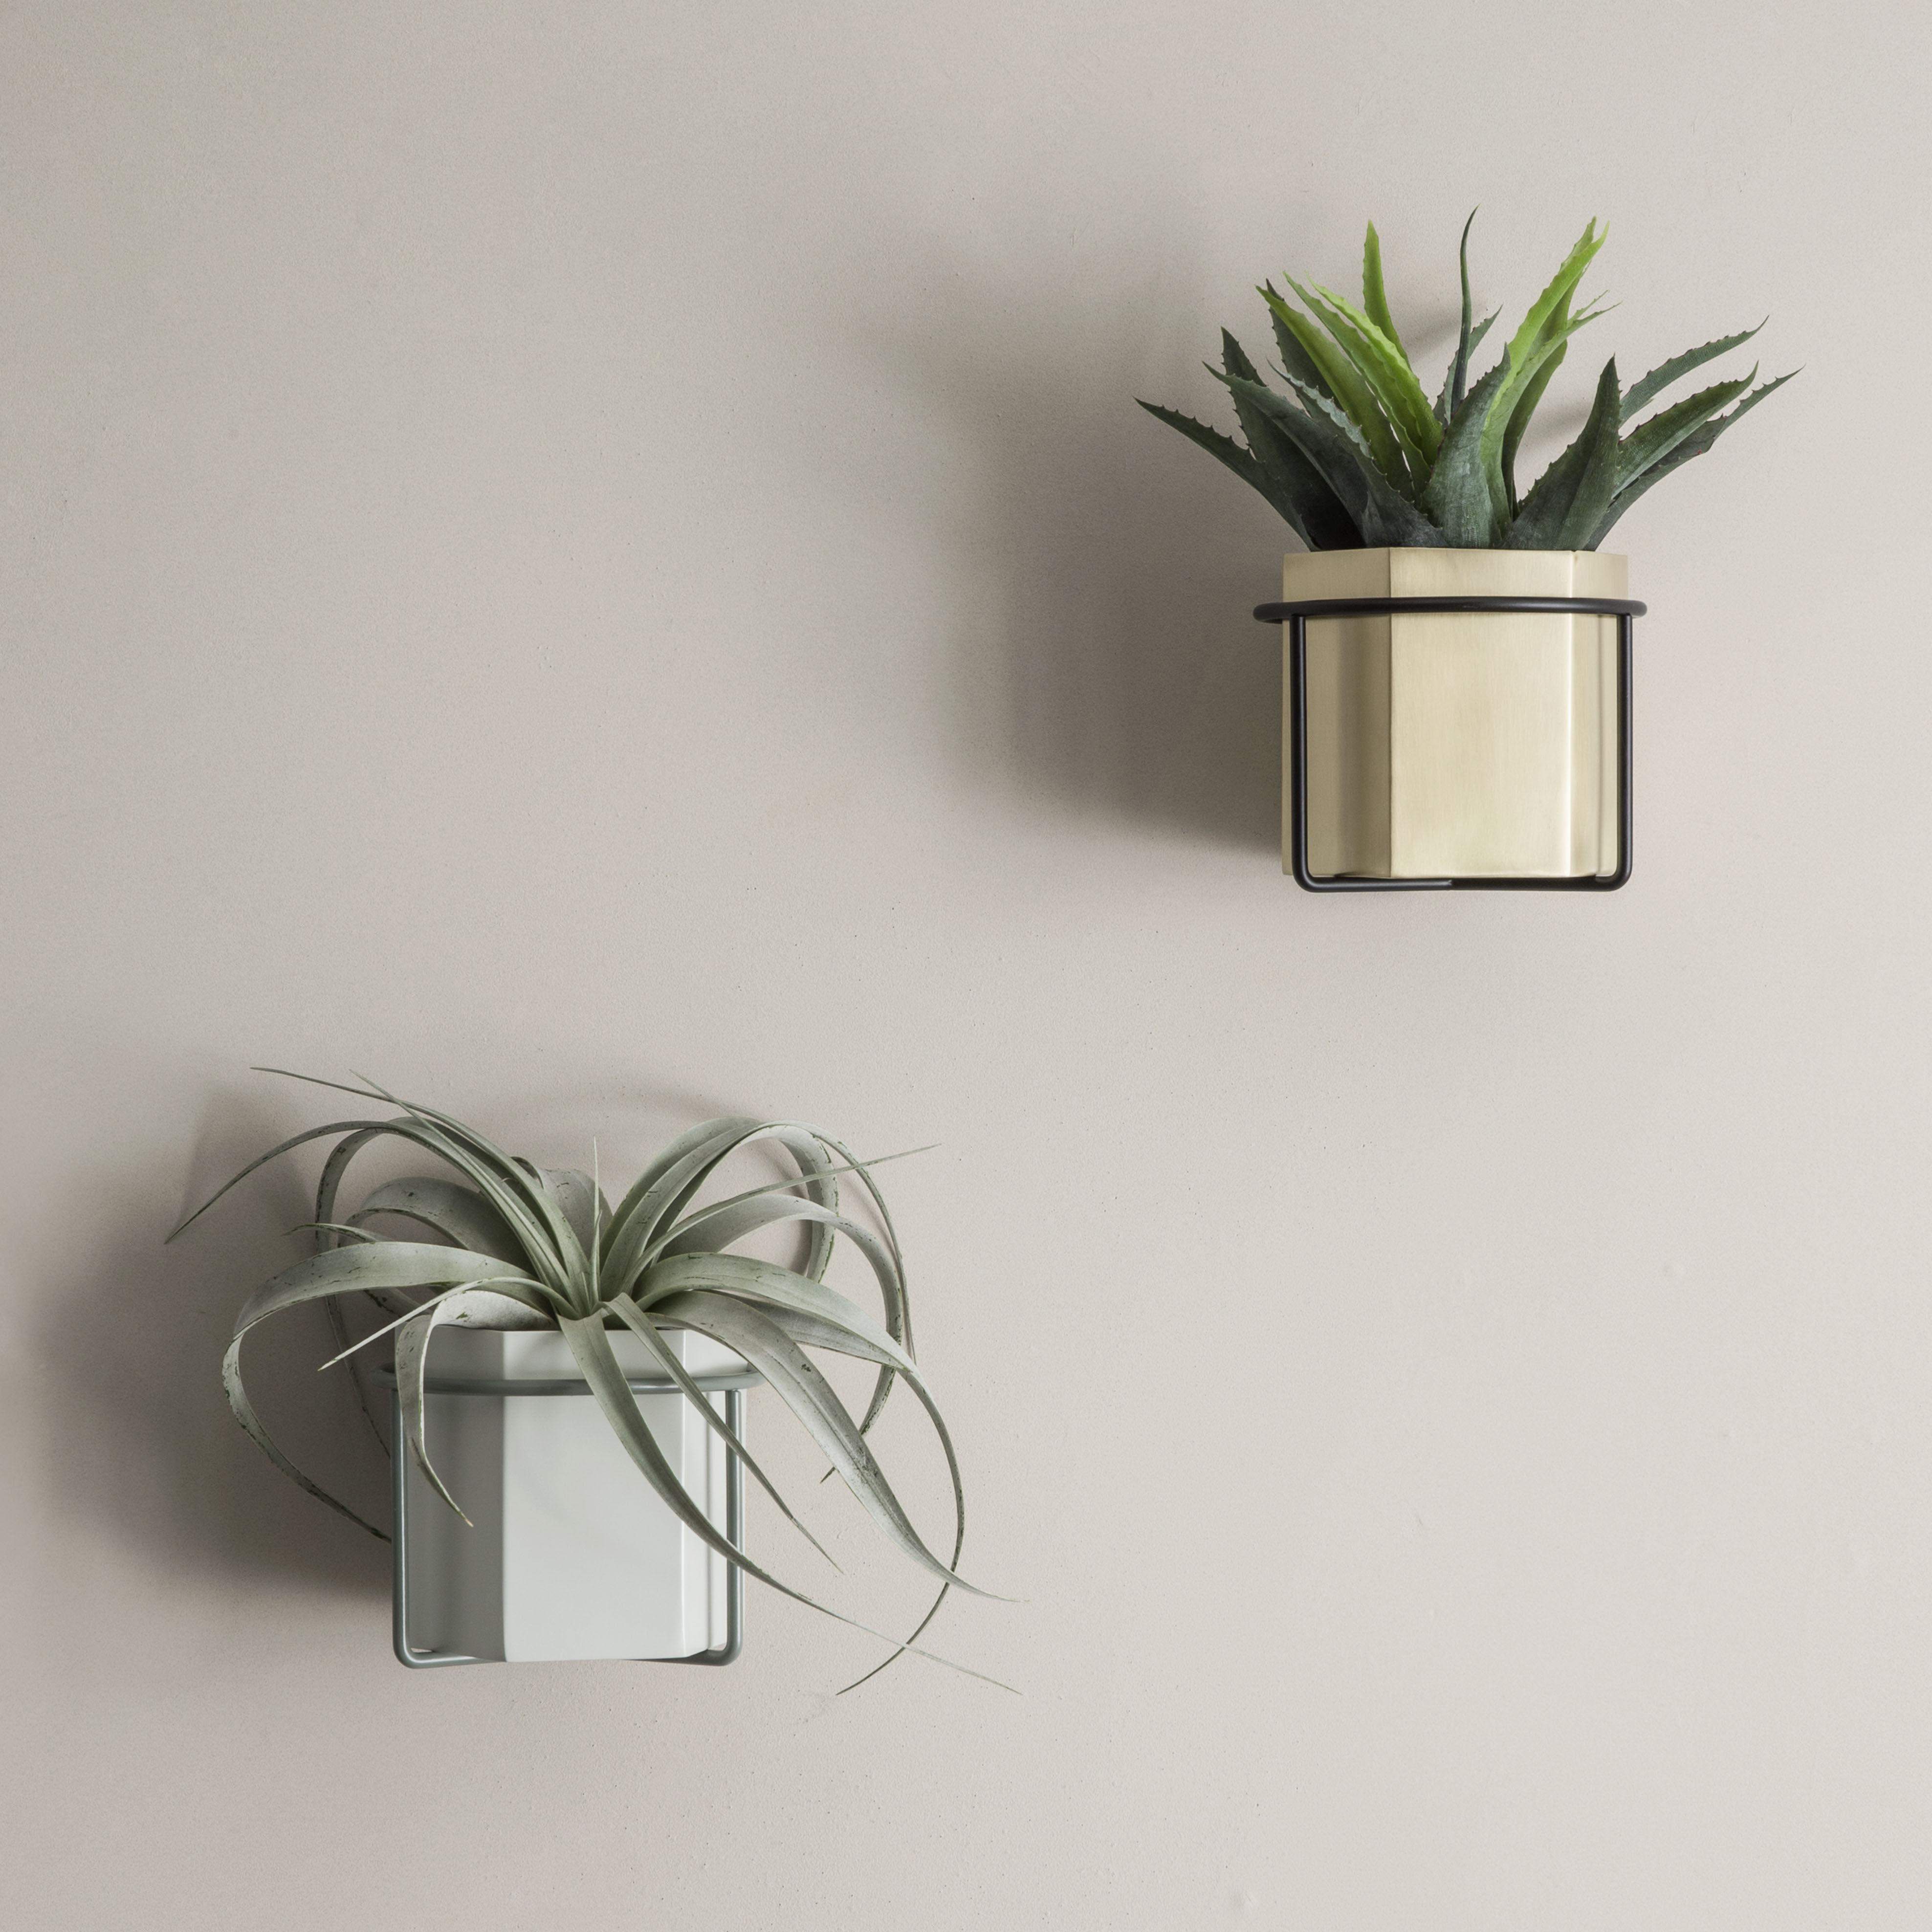 Support Mural Plant Pour Pot De Fleurs Gris Ferm Living Made